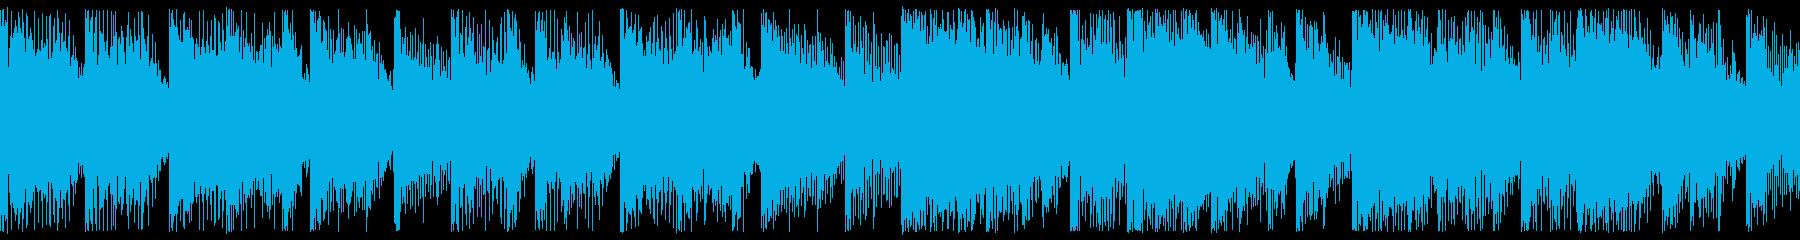 ほのぼのした雰囲気のポップロック-ループの再生済みの波形